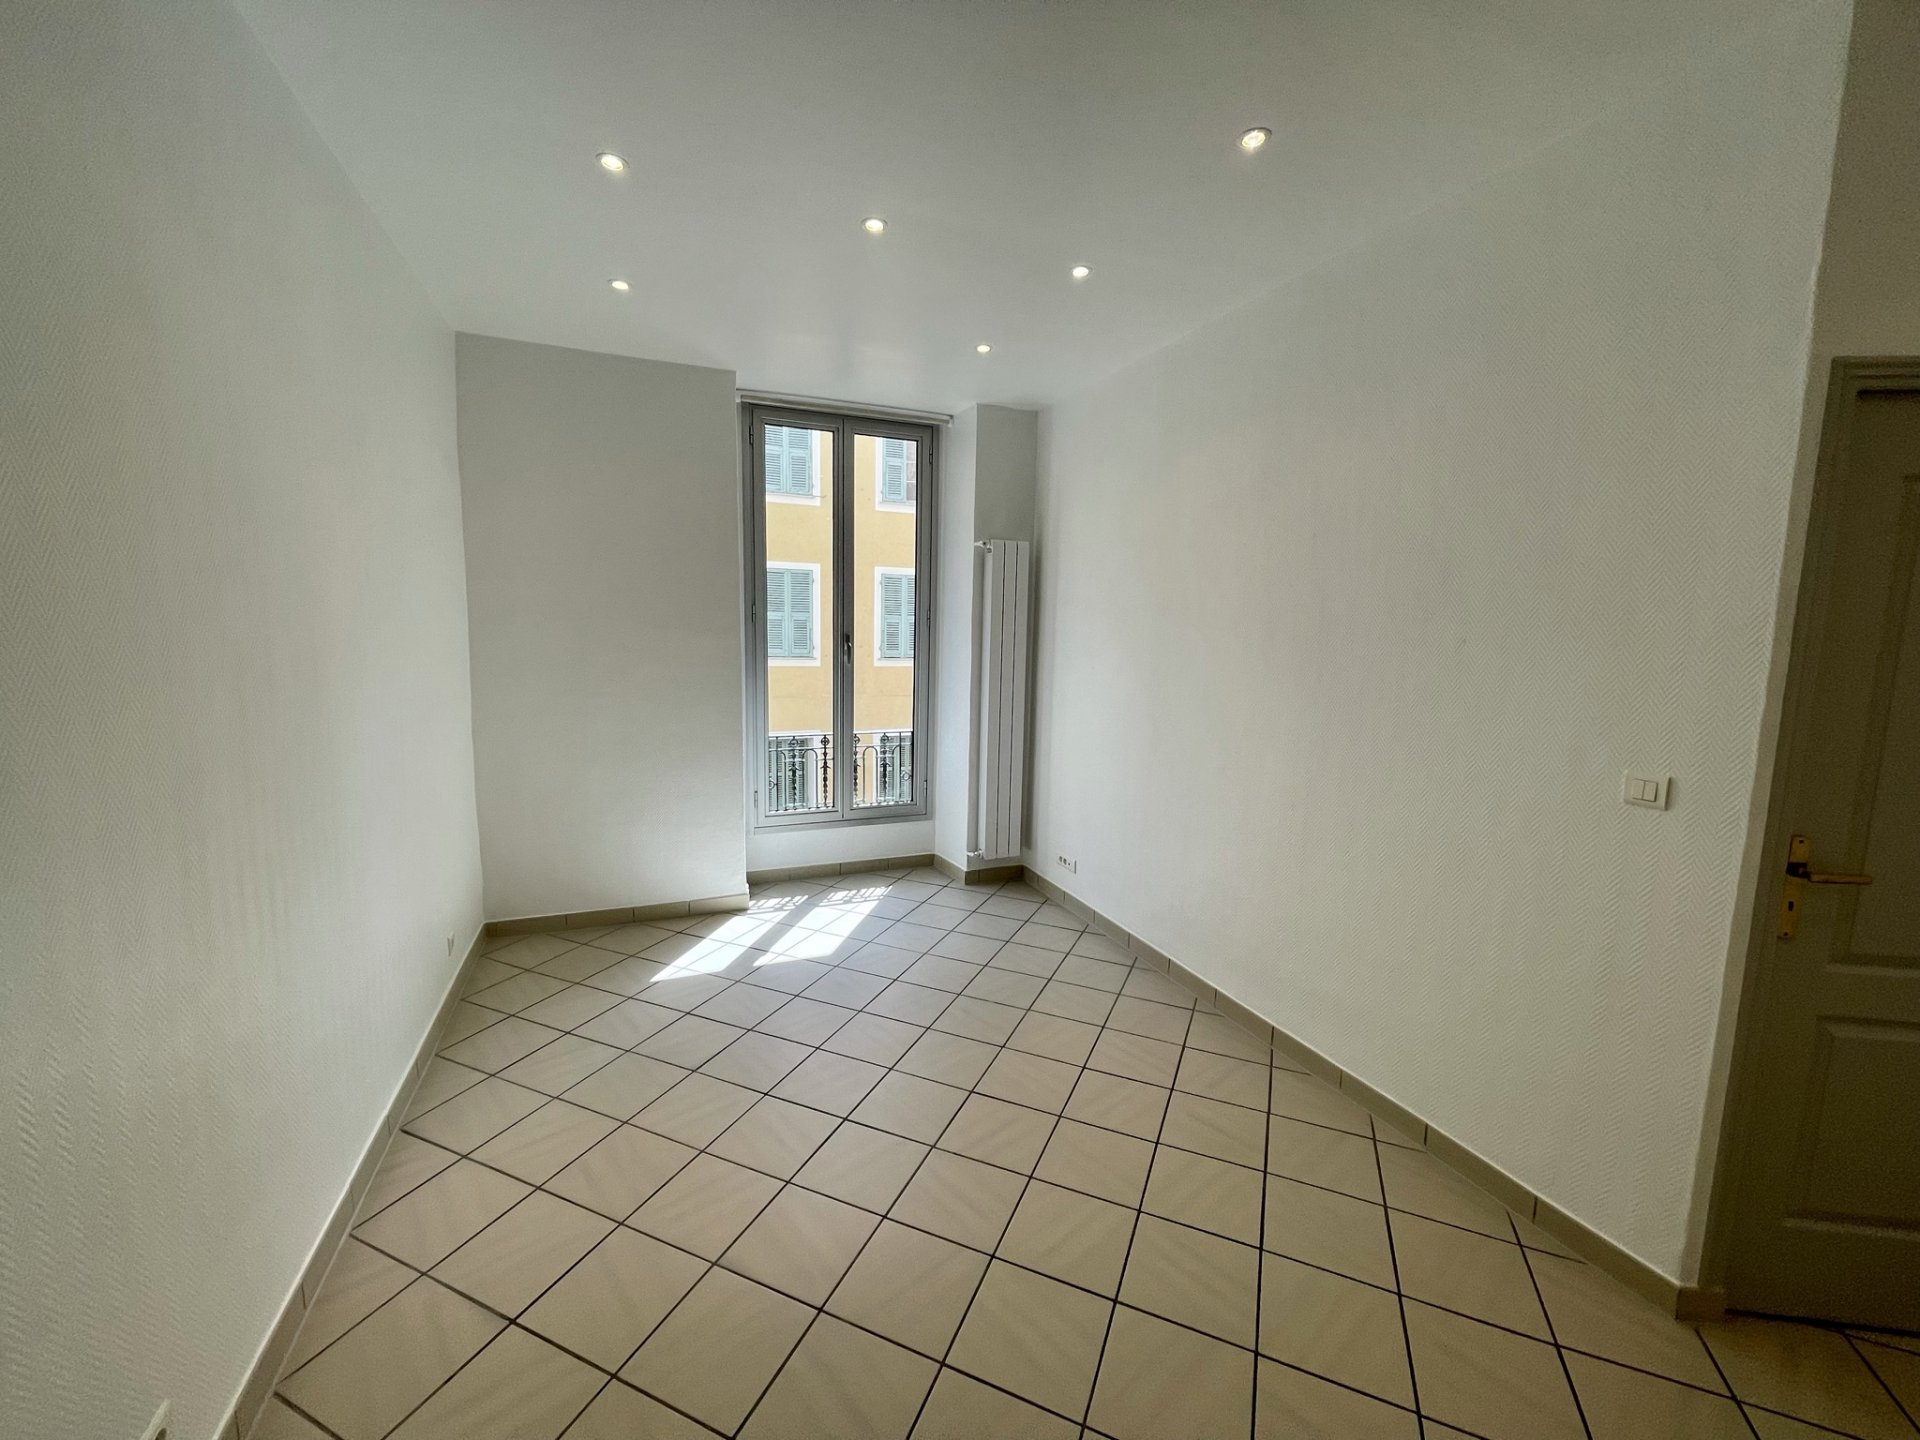 Location Nice, 3 Pièces 58,47 m² secteur République